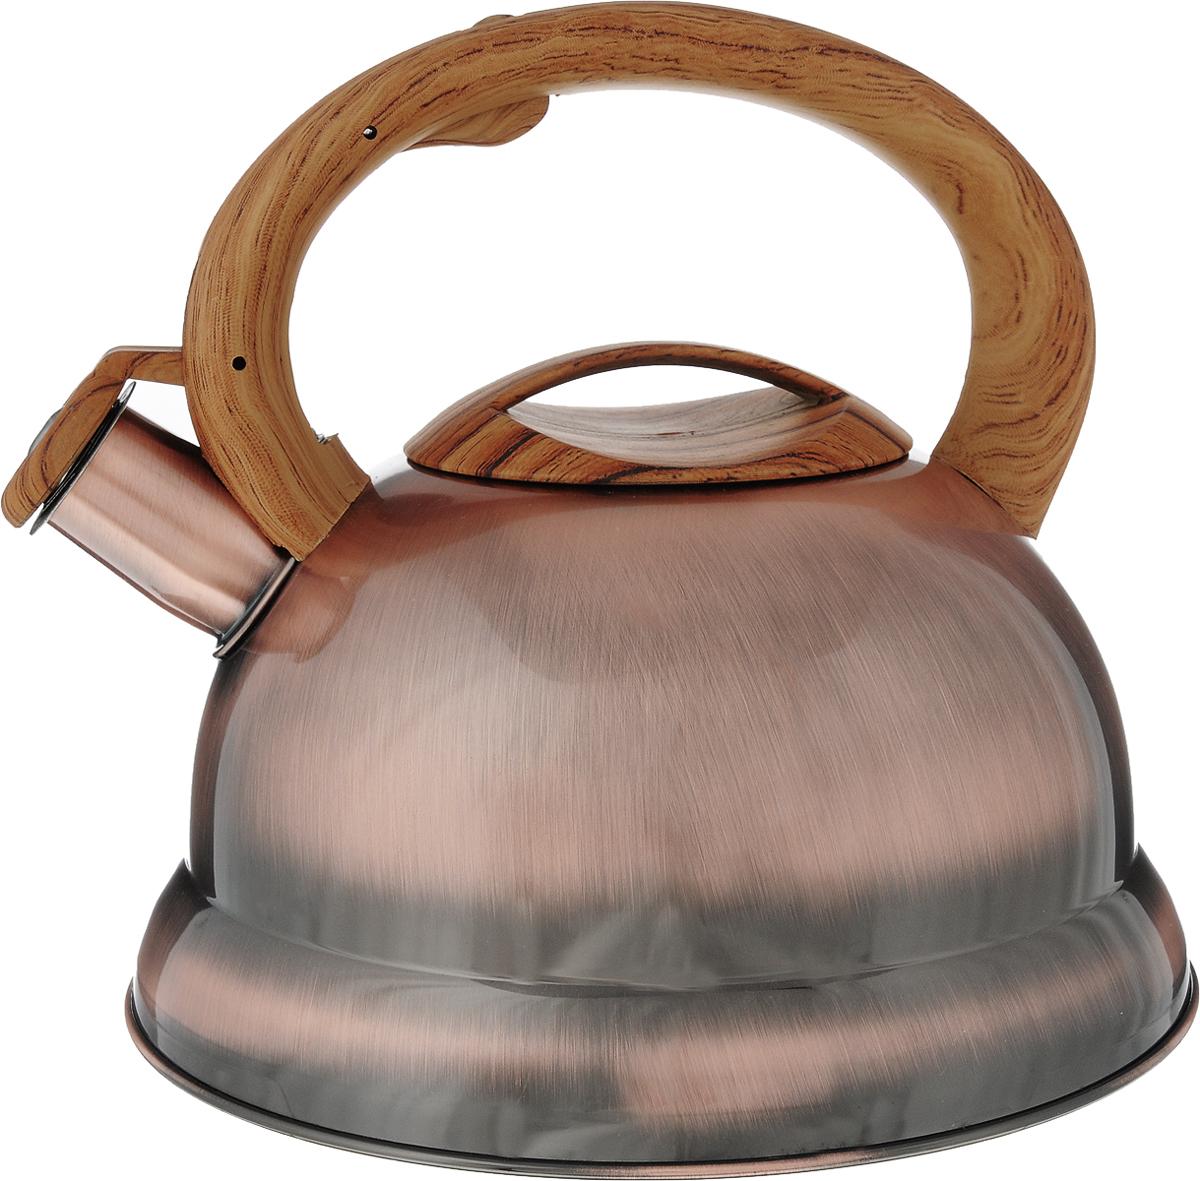 Чайник Bekker, со свистком, цвет: бронзовый, 3,5 л. BK-S413BK-S413/38222Чайник Bekker выполнен из высококачественной нержавеющей стали, что обеспечивает долговечность использования. Внешнее глянцевое покрытие придает приятный внешний вид. Бакелитовая фиксированная ручка делает использование чайника очень удобным и безопасным. Крышка и ручка декорированы под дерево. Чайник снабжен свистком и устройством для открывания носика, которое находится на ручке. Изделие оснащено цельнометаллическим дном, что способствует медленному остыванию чайника. Можно мыть в посудомоечной машине. Пригоден для всех видов плит, включая индукционные. Диаметр чайника по верхнему краю: 9,5 см. Высота чайника (без учета крышки и ручки): 13 см. Высота чайника (с учетом ручки): 20 см.